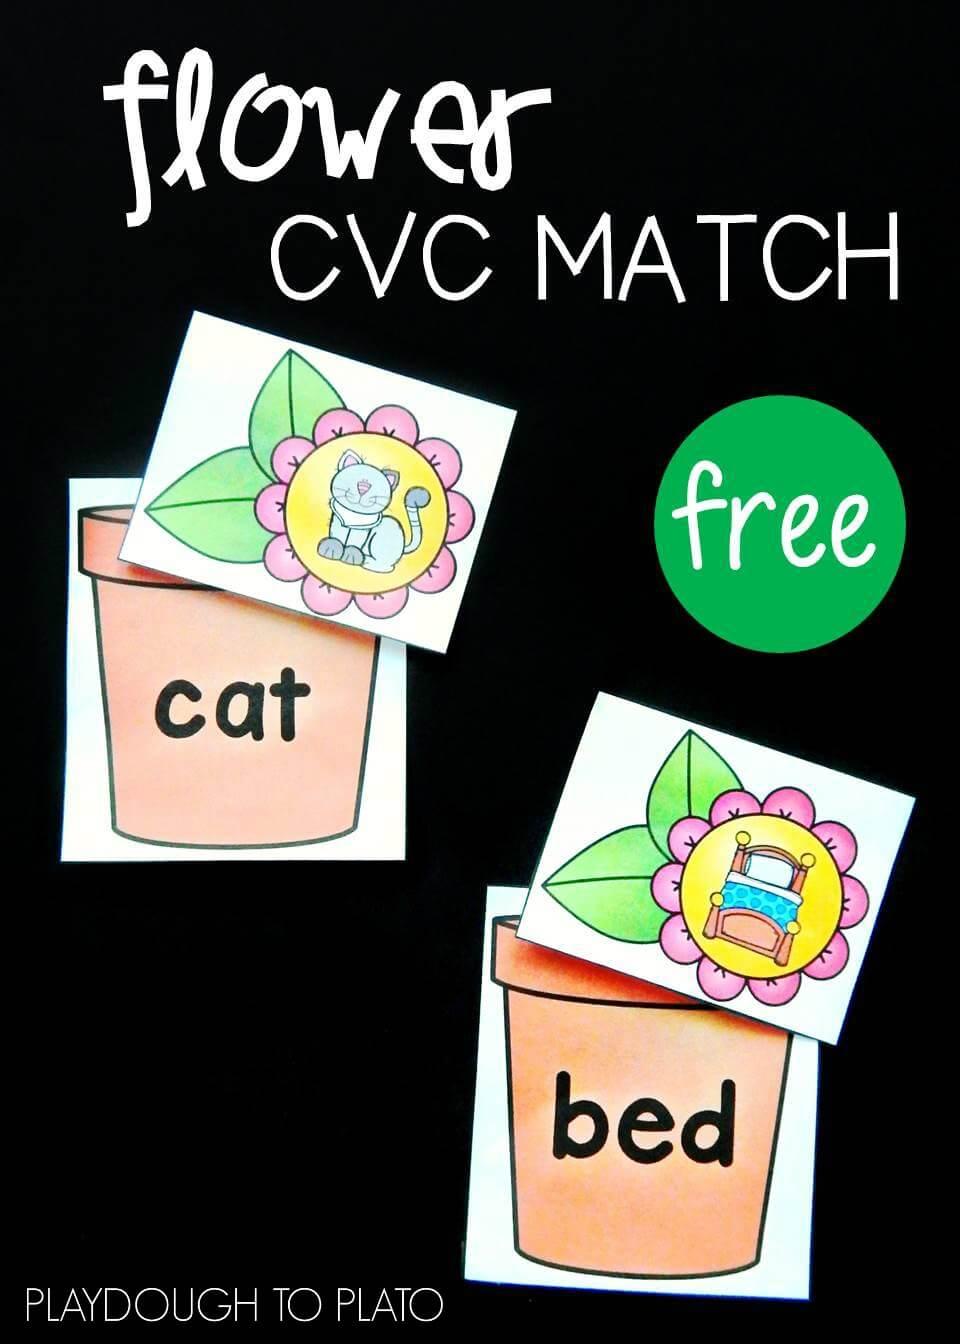 Flower CVC Match